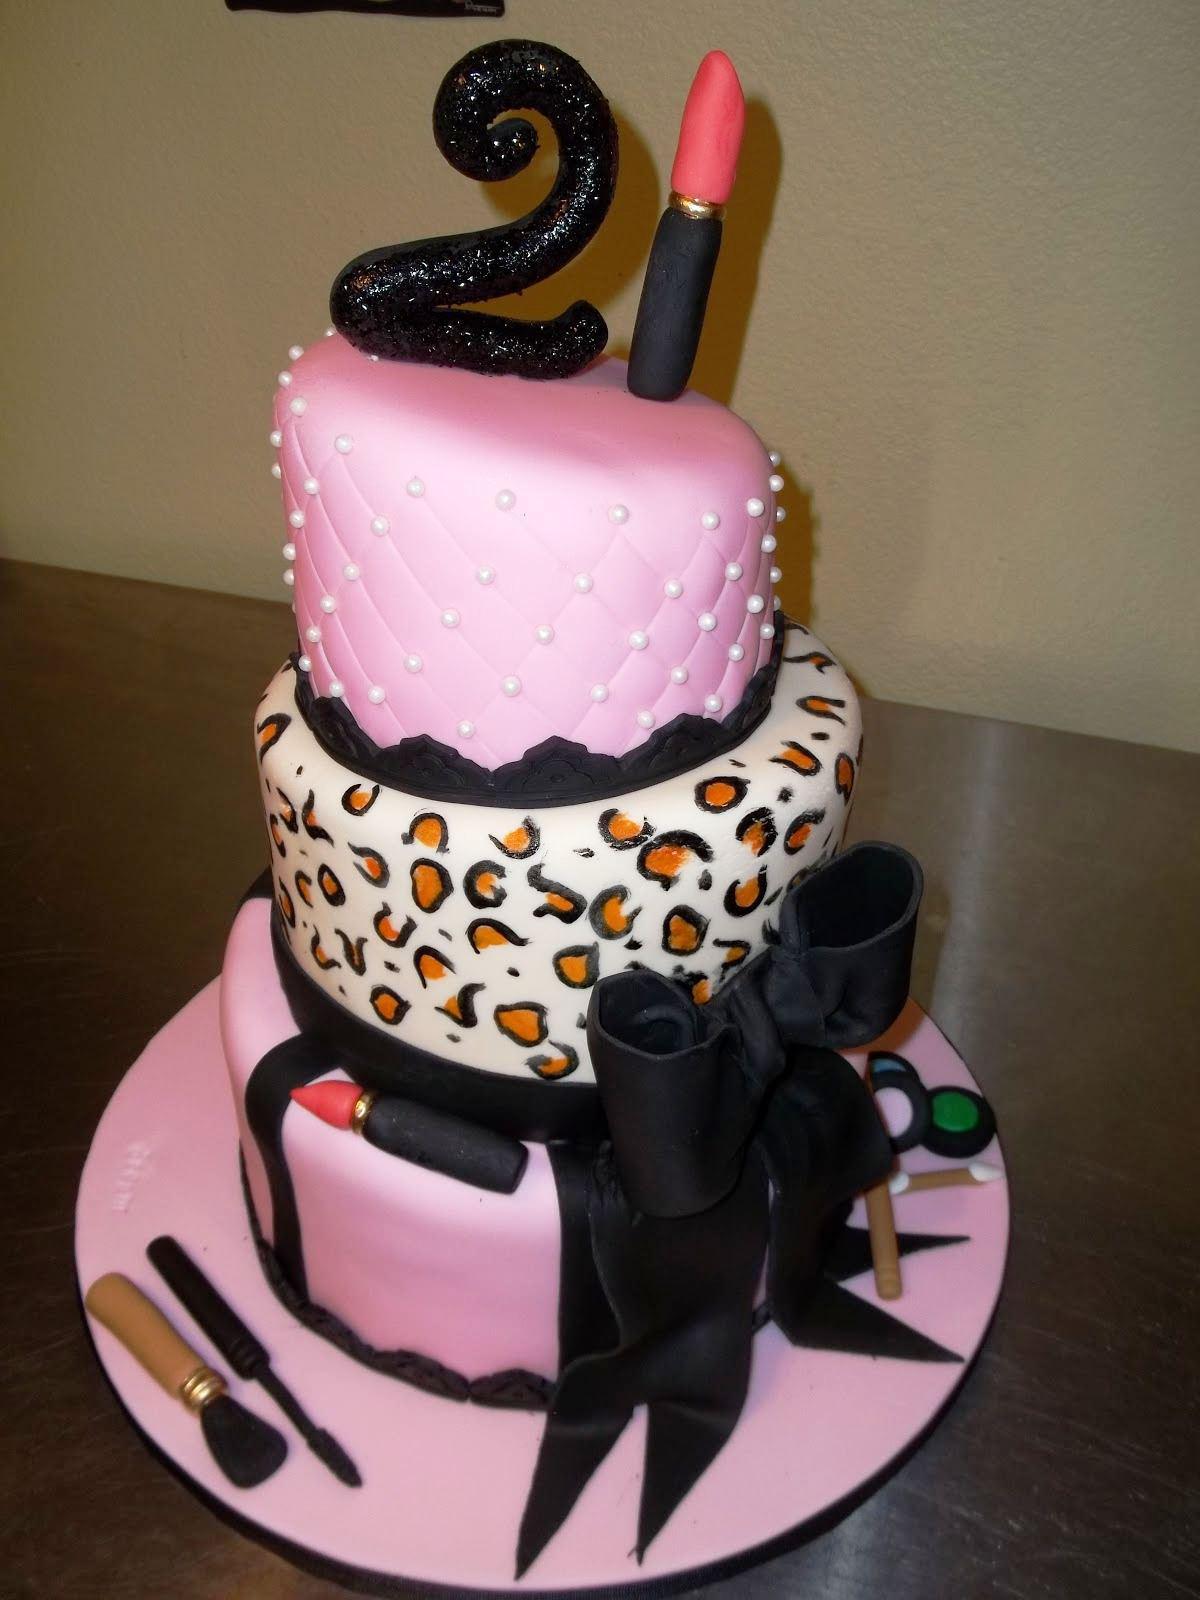 Phenomenal 6 21St Birthday Cakes Entertaining Photo 21St Birthday Cake Idea Funny Birthday Cards Online Aeocydamsfinfo